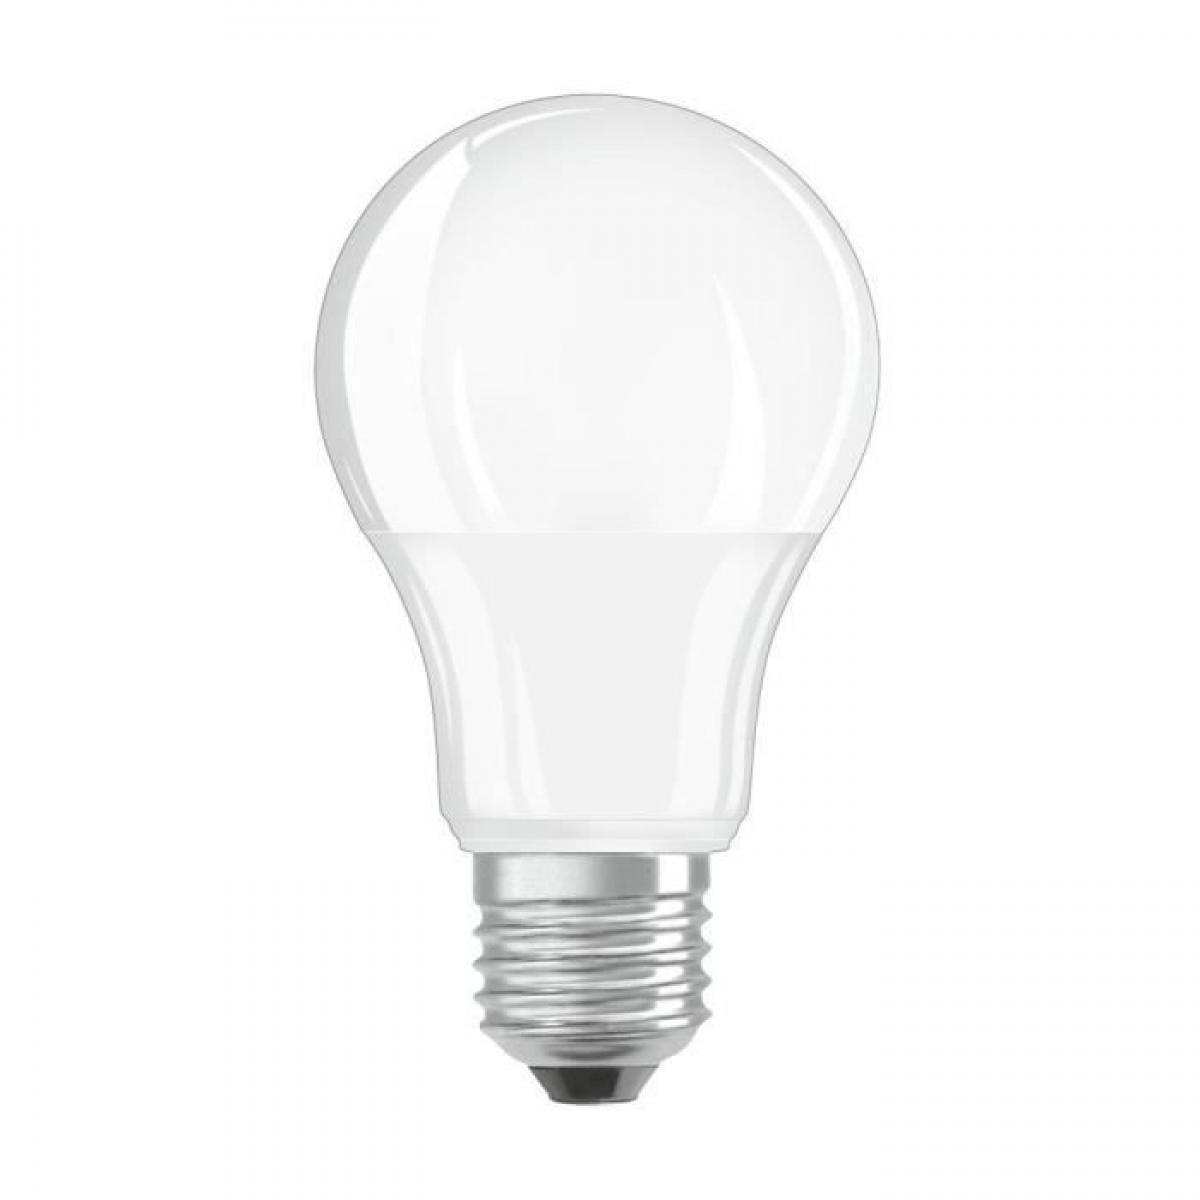 Cstore BELLALUX Lot de 6 Ampoules LED Standard verre dépoli 8,5W=60 E27 chaud